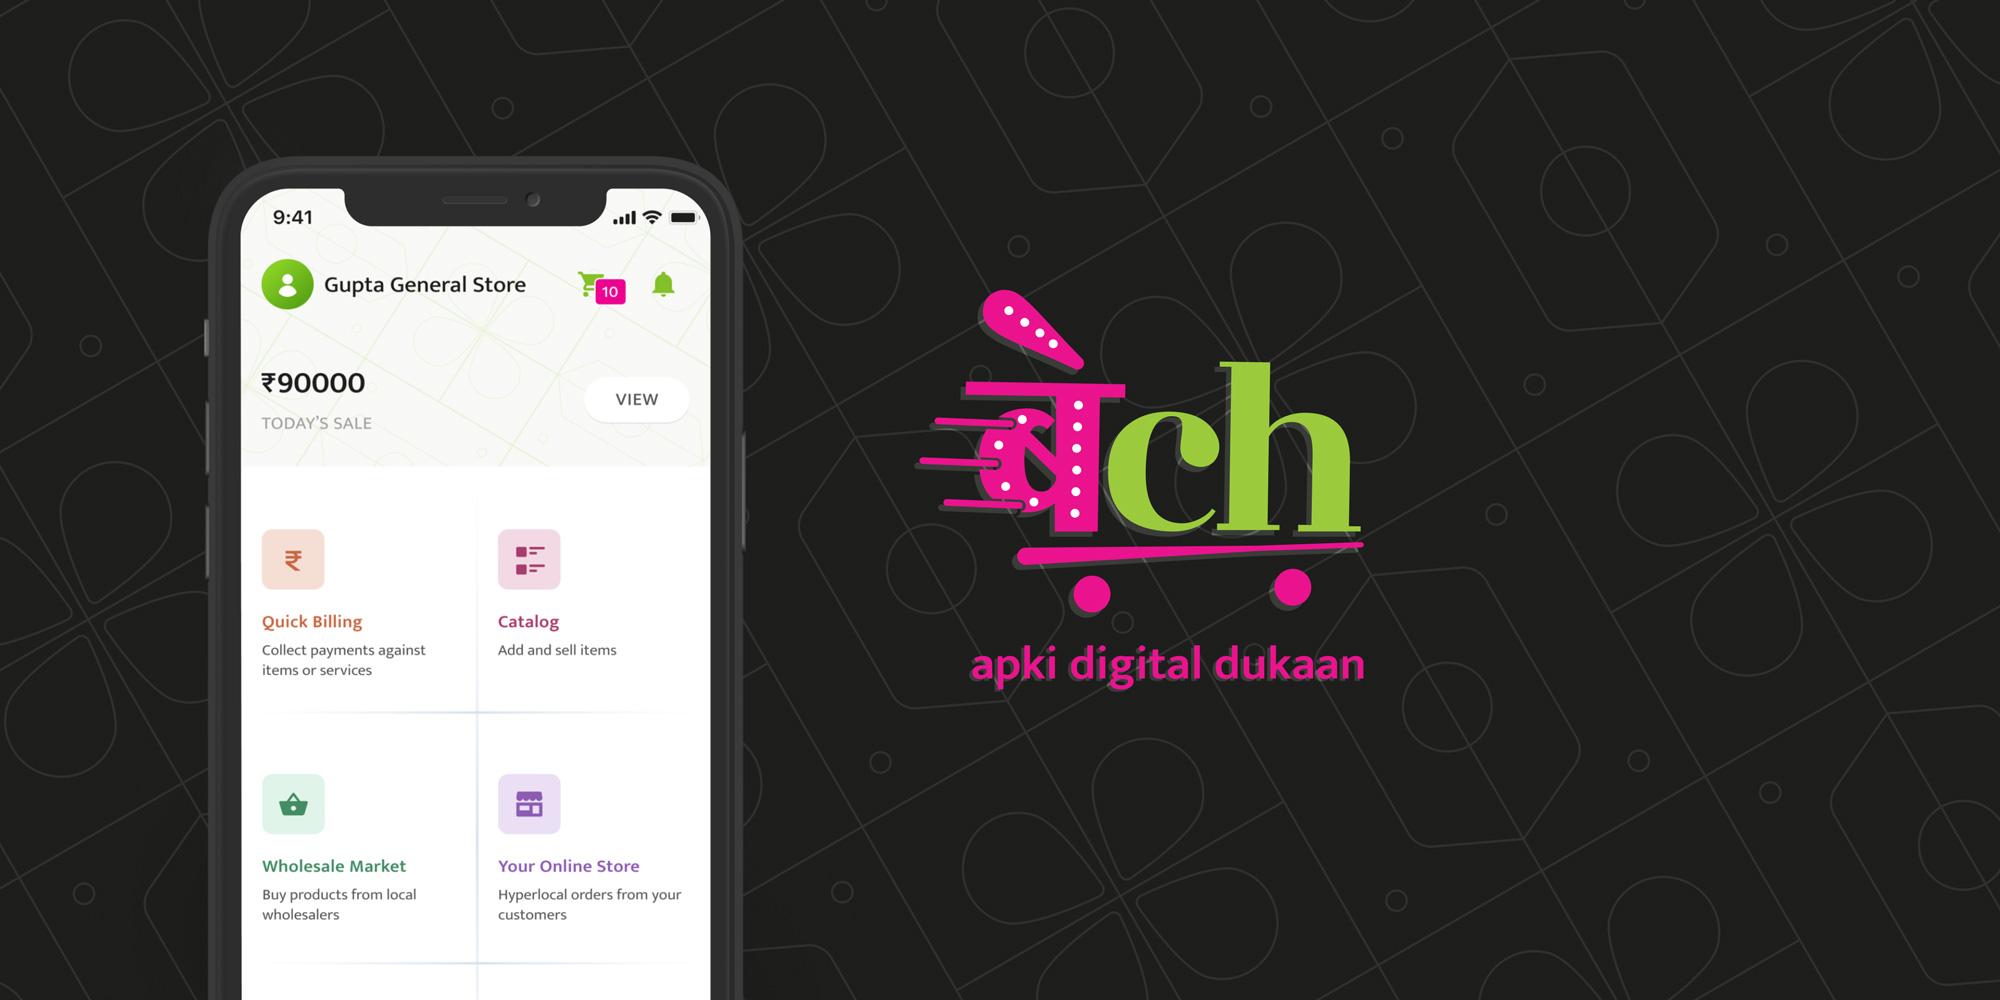 Bech app home screen